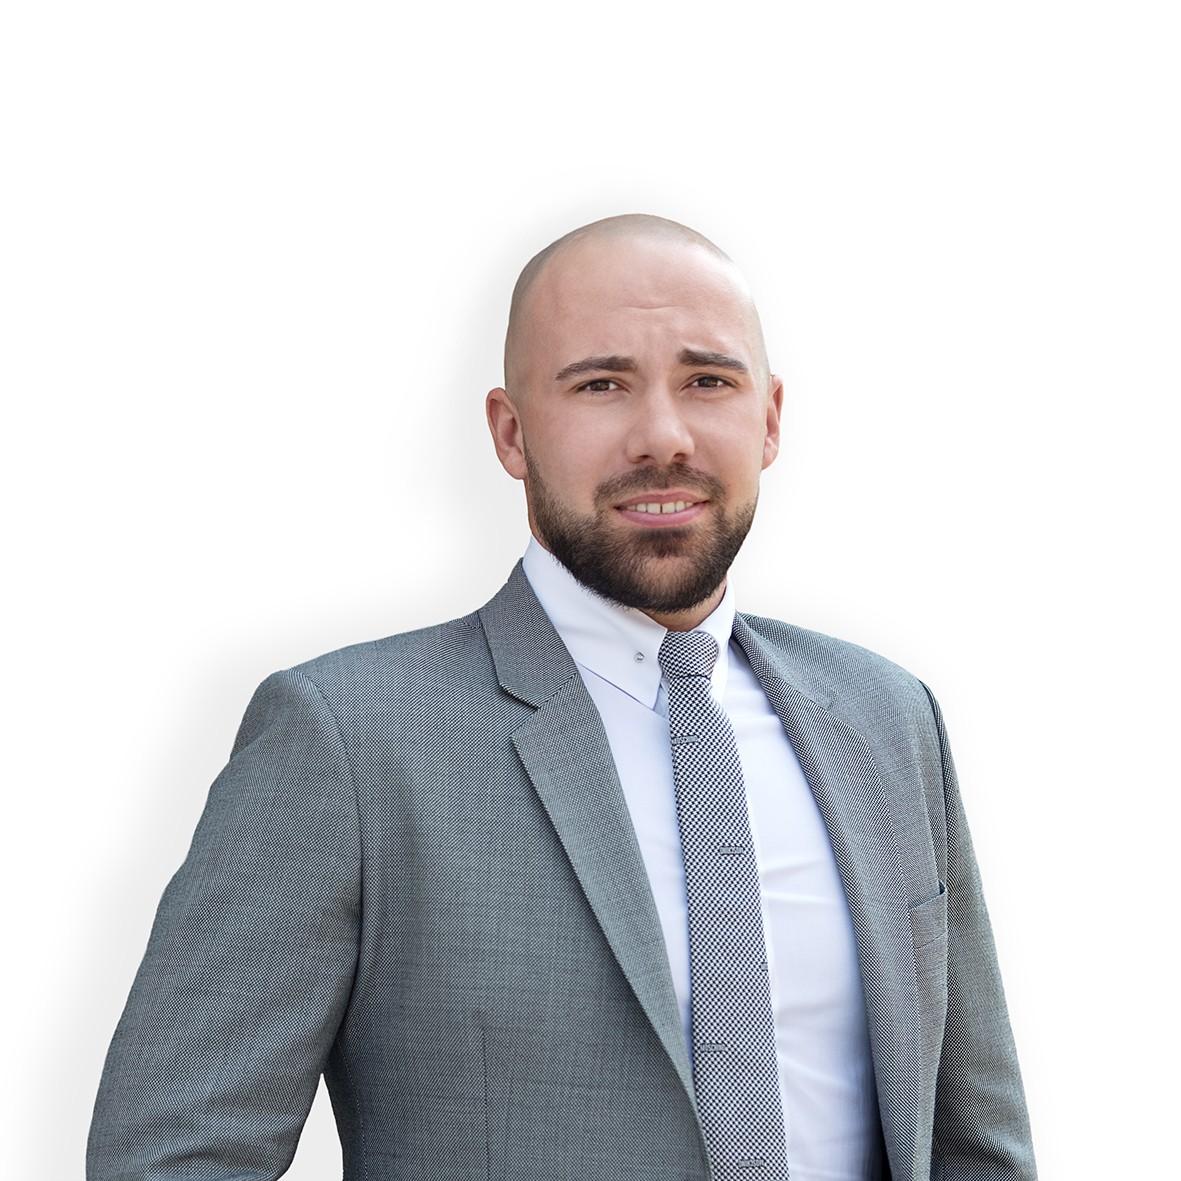 Evgeniy Ratskevich